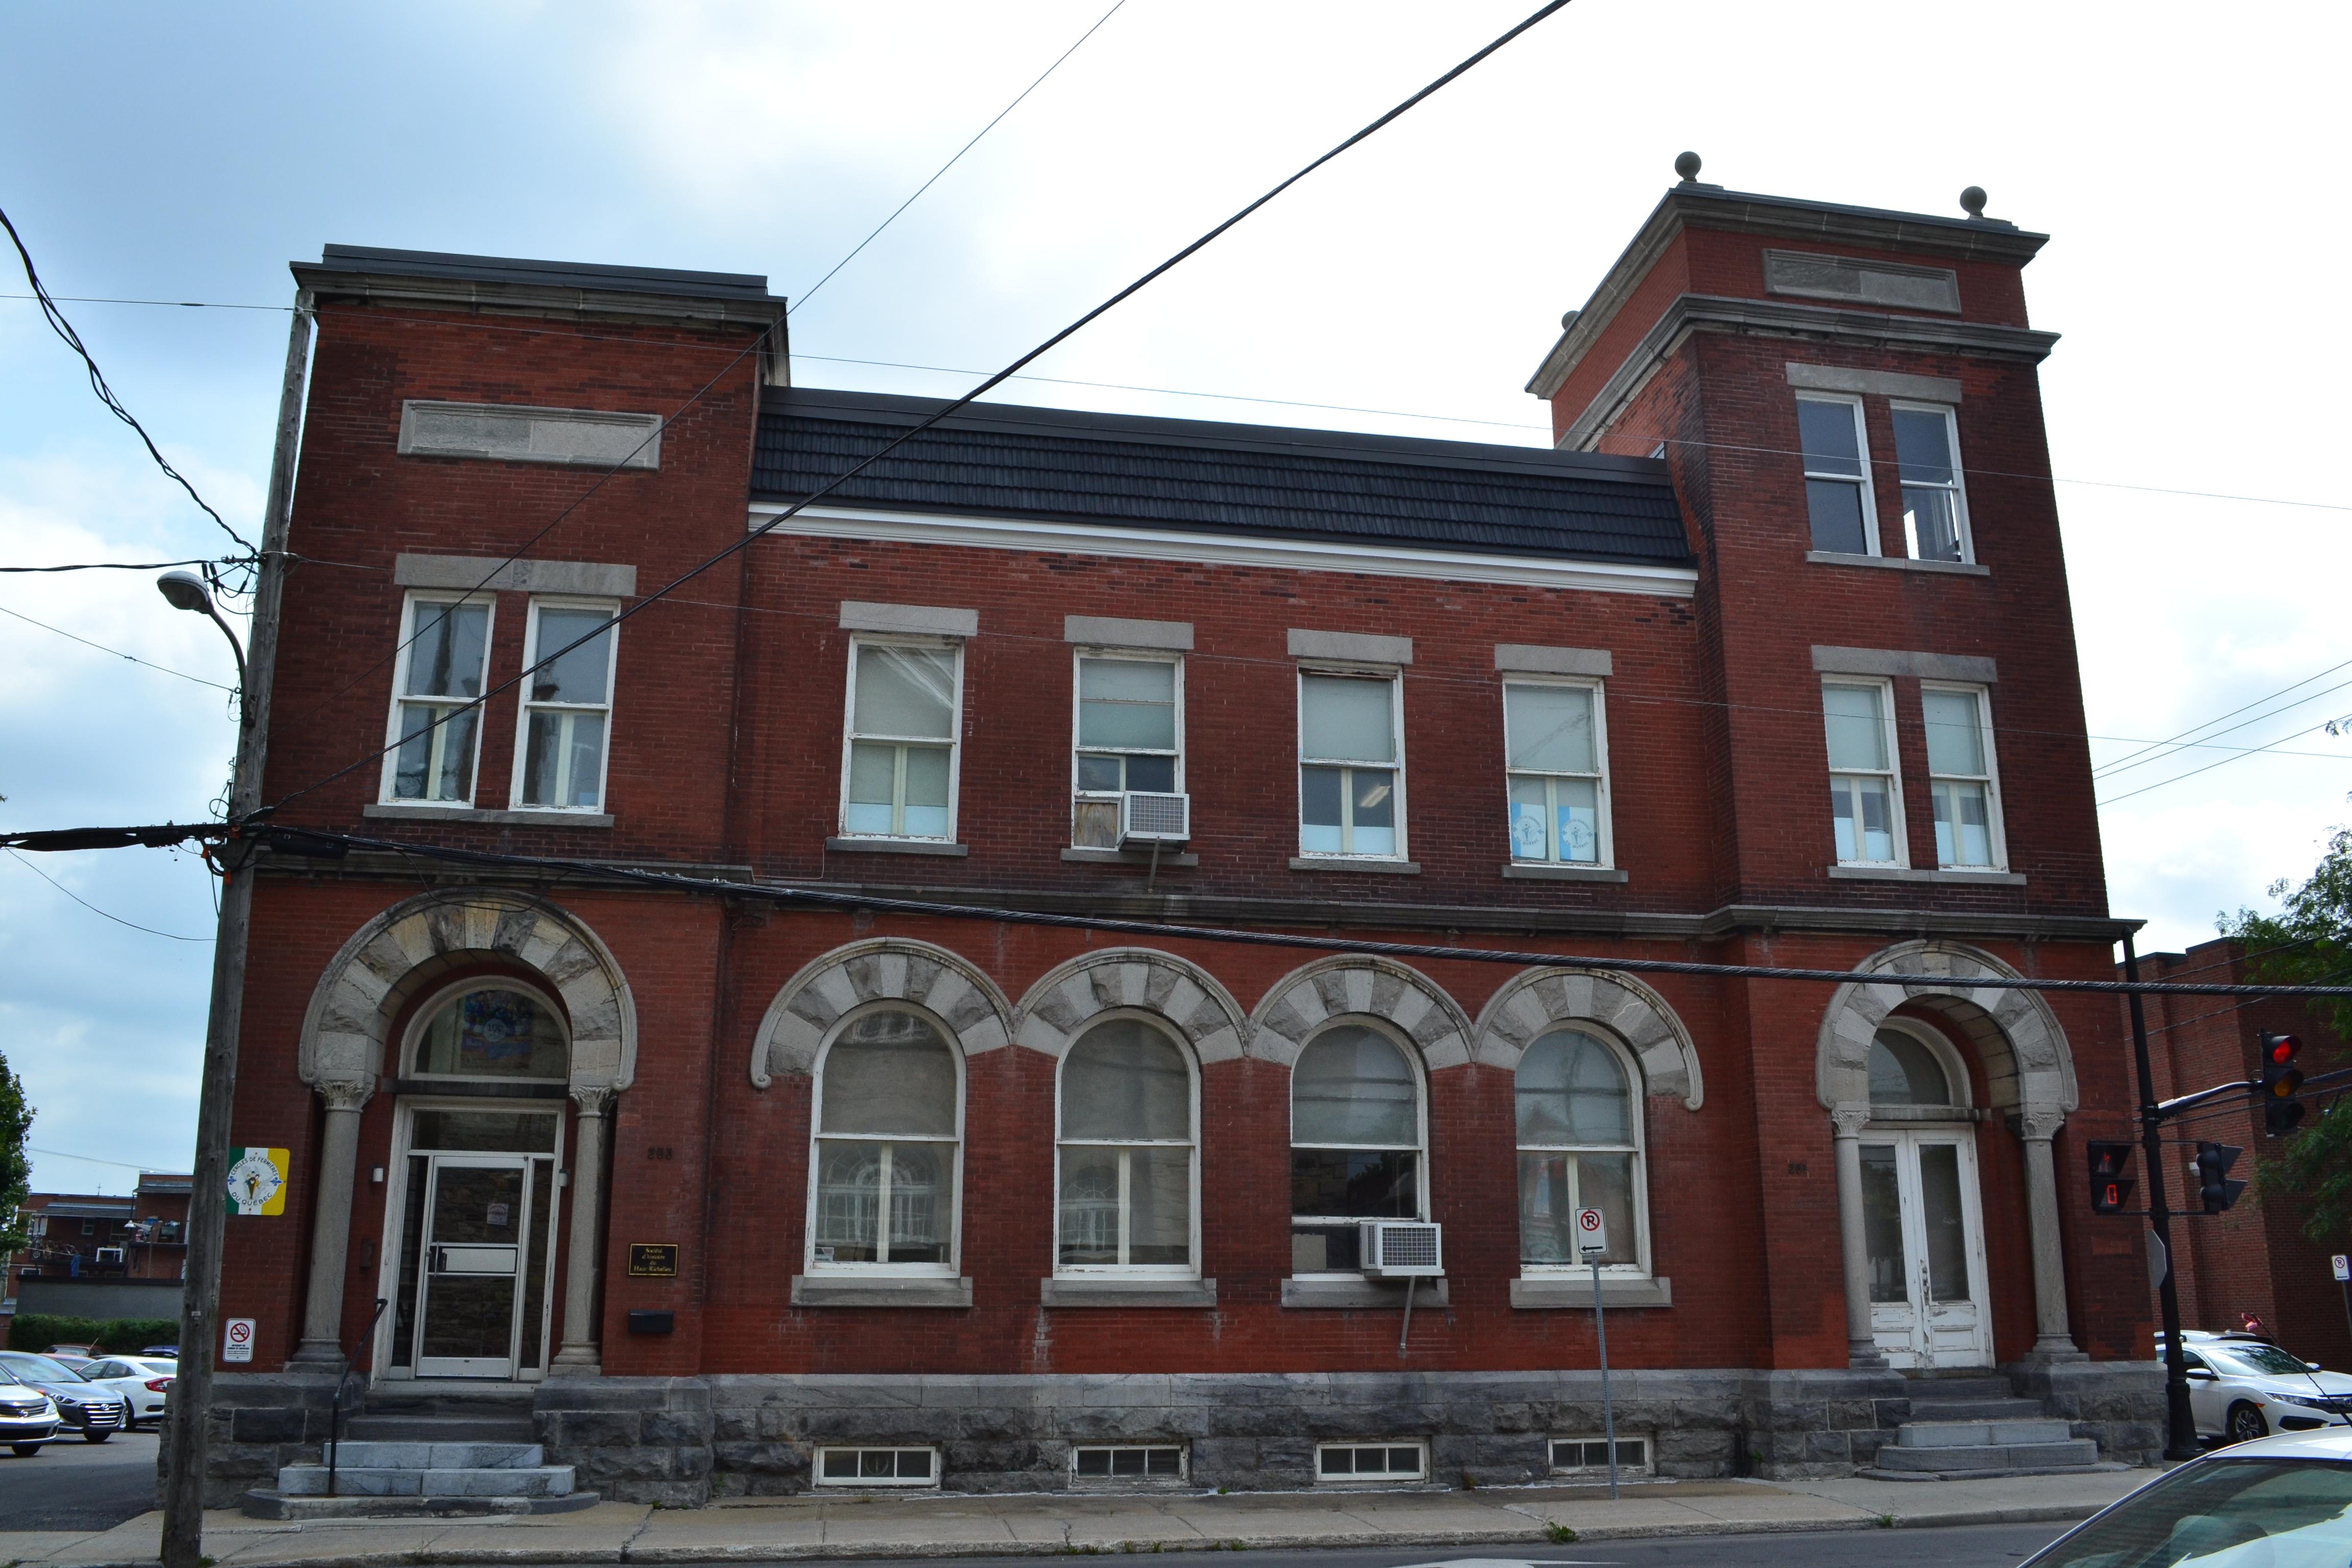 File:ancien bureau de poste saint jean sur richelieu quebec 1